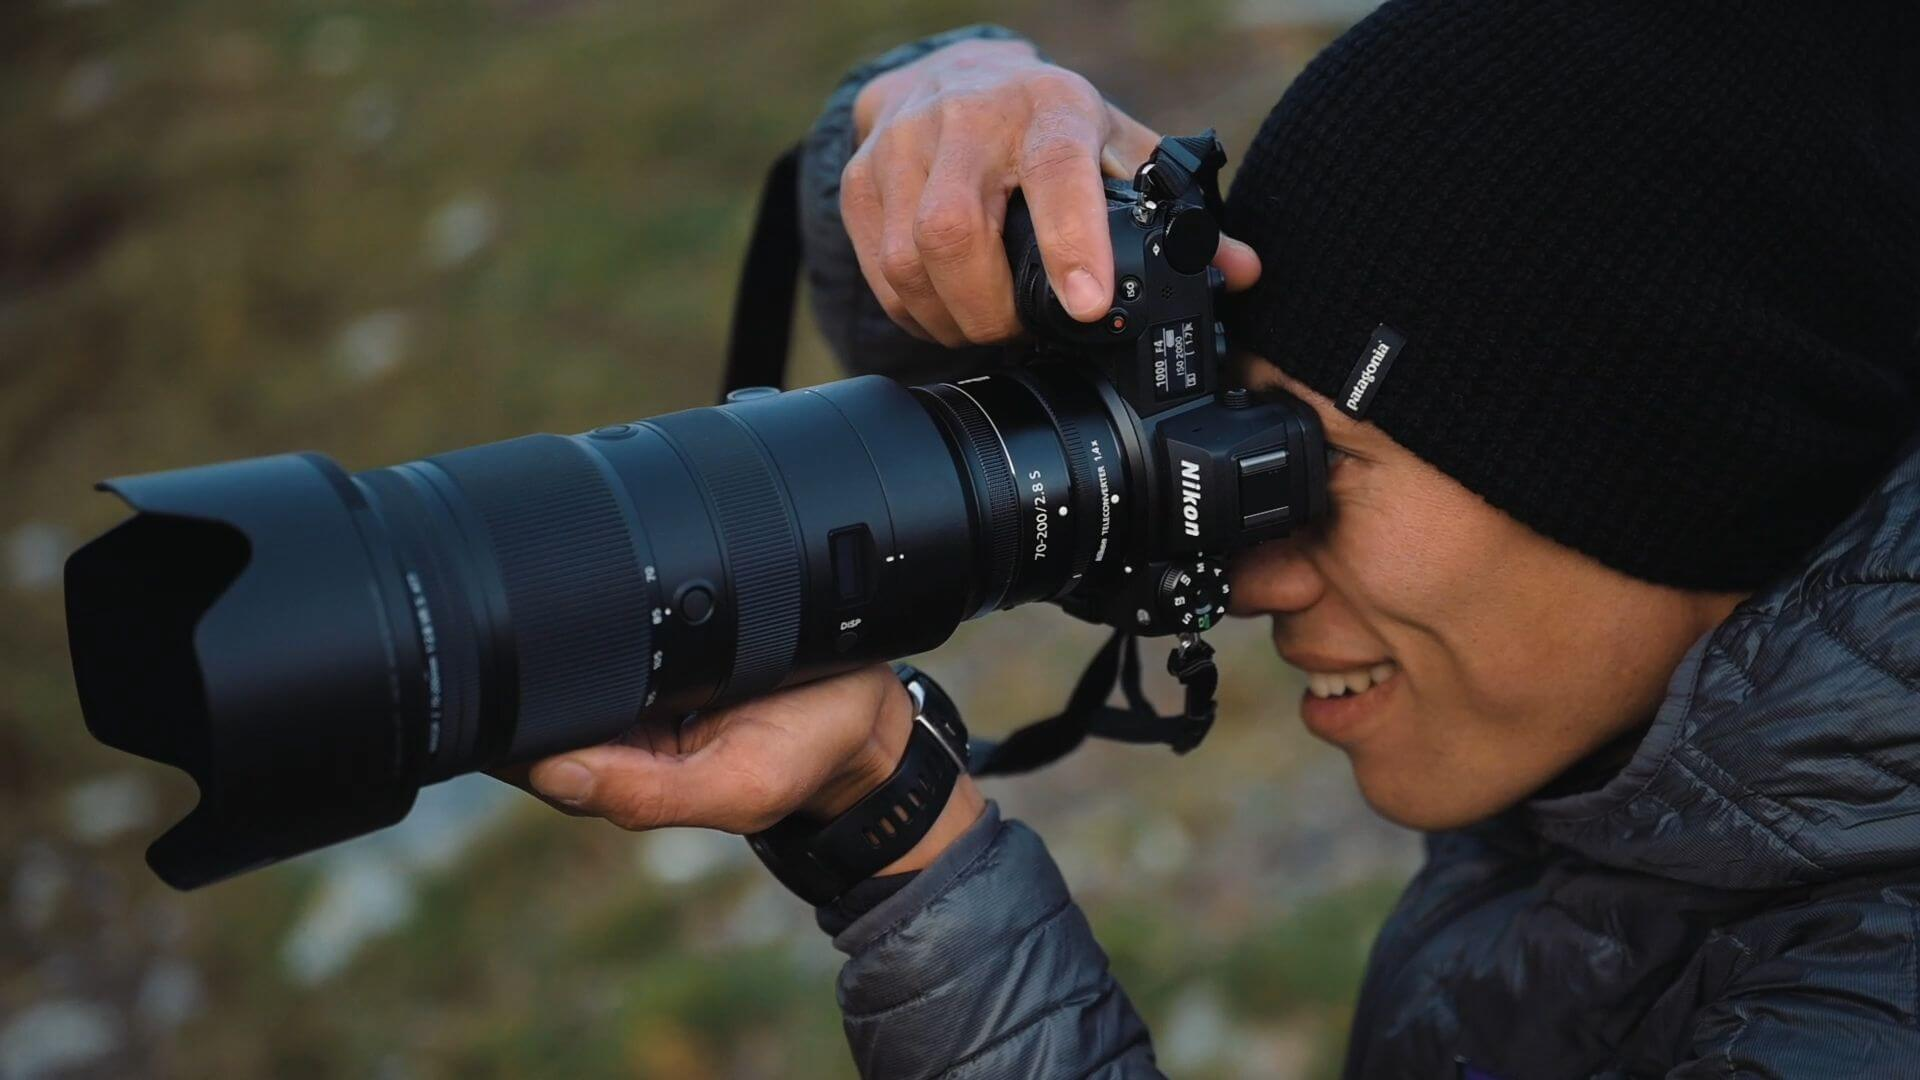 Ray Demski s Nikonem Z 6II a Nikkorem Z 70–200 mm f/2,8 S